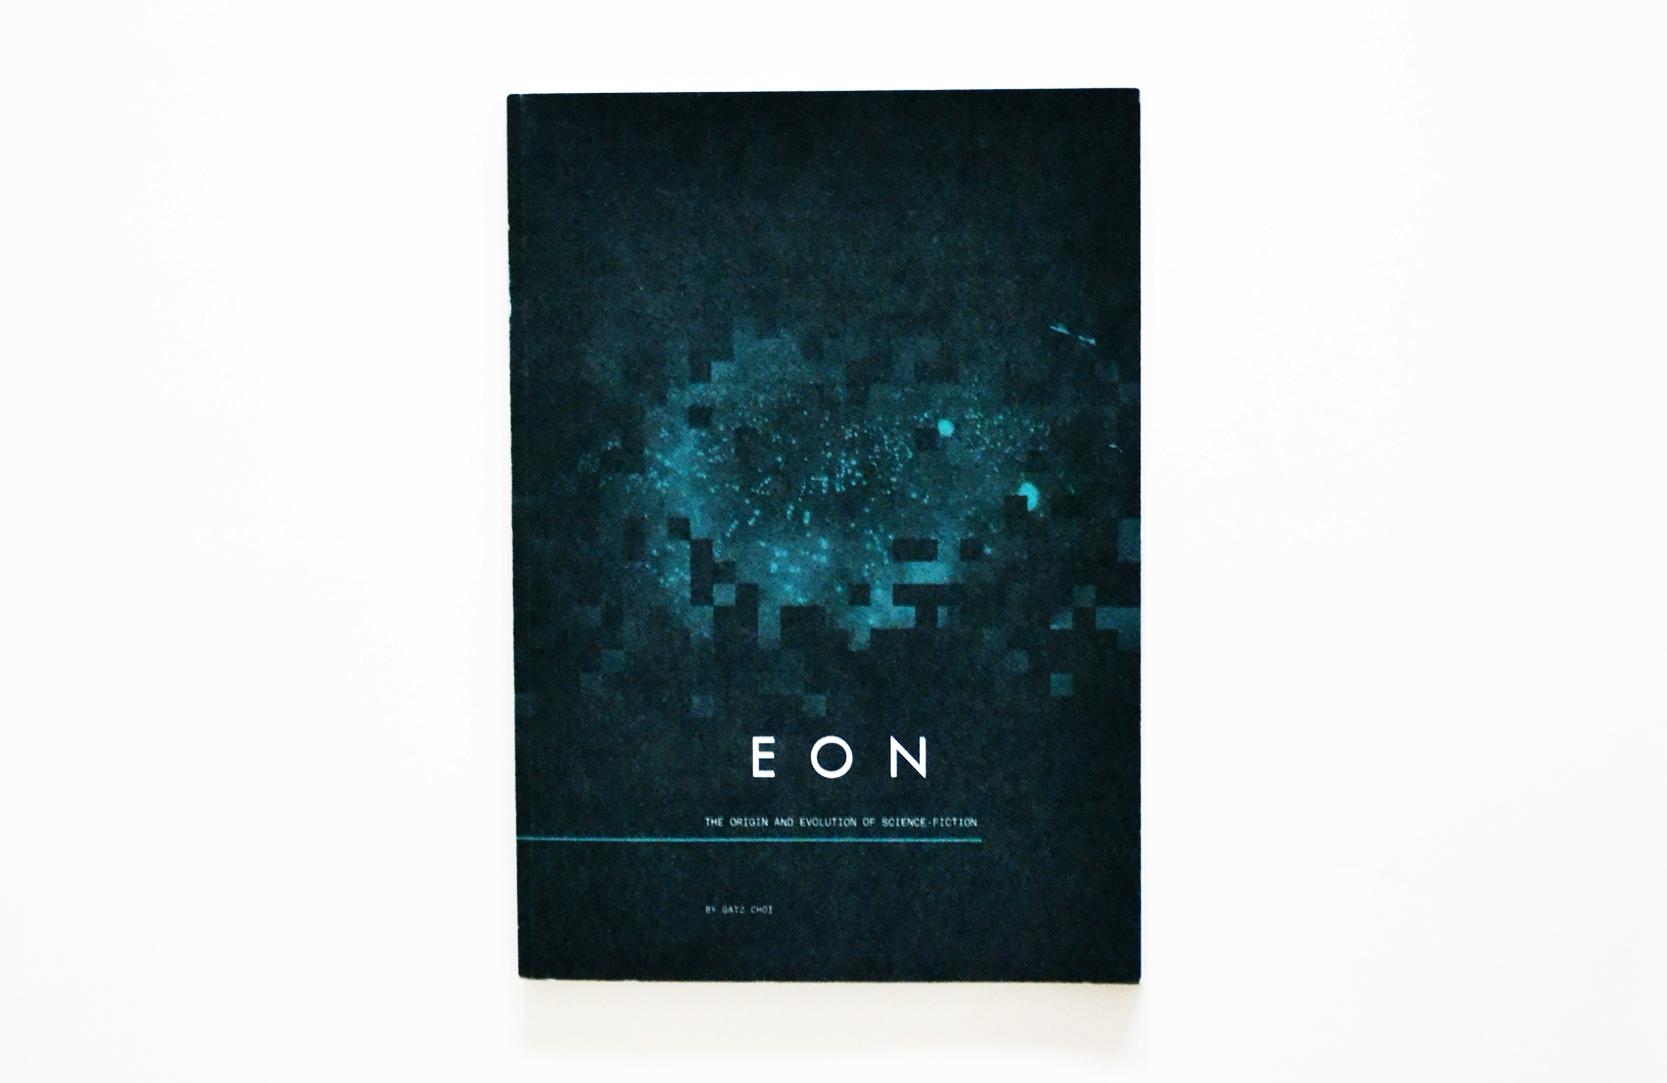 eon_000.jpg